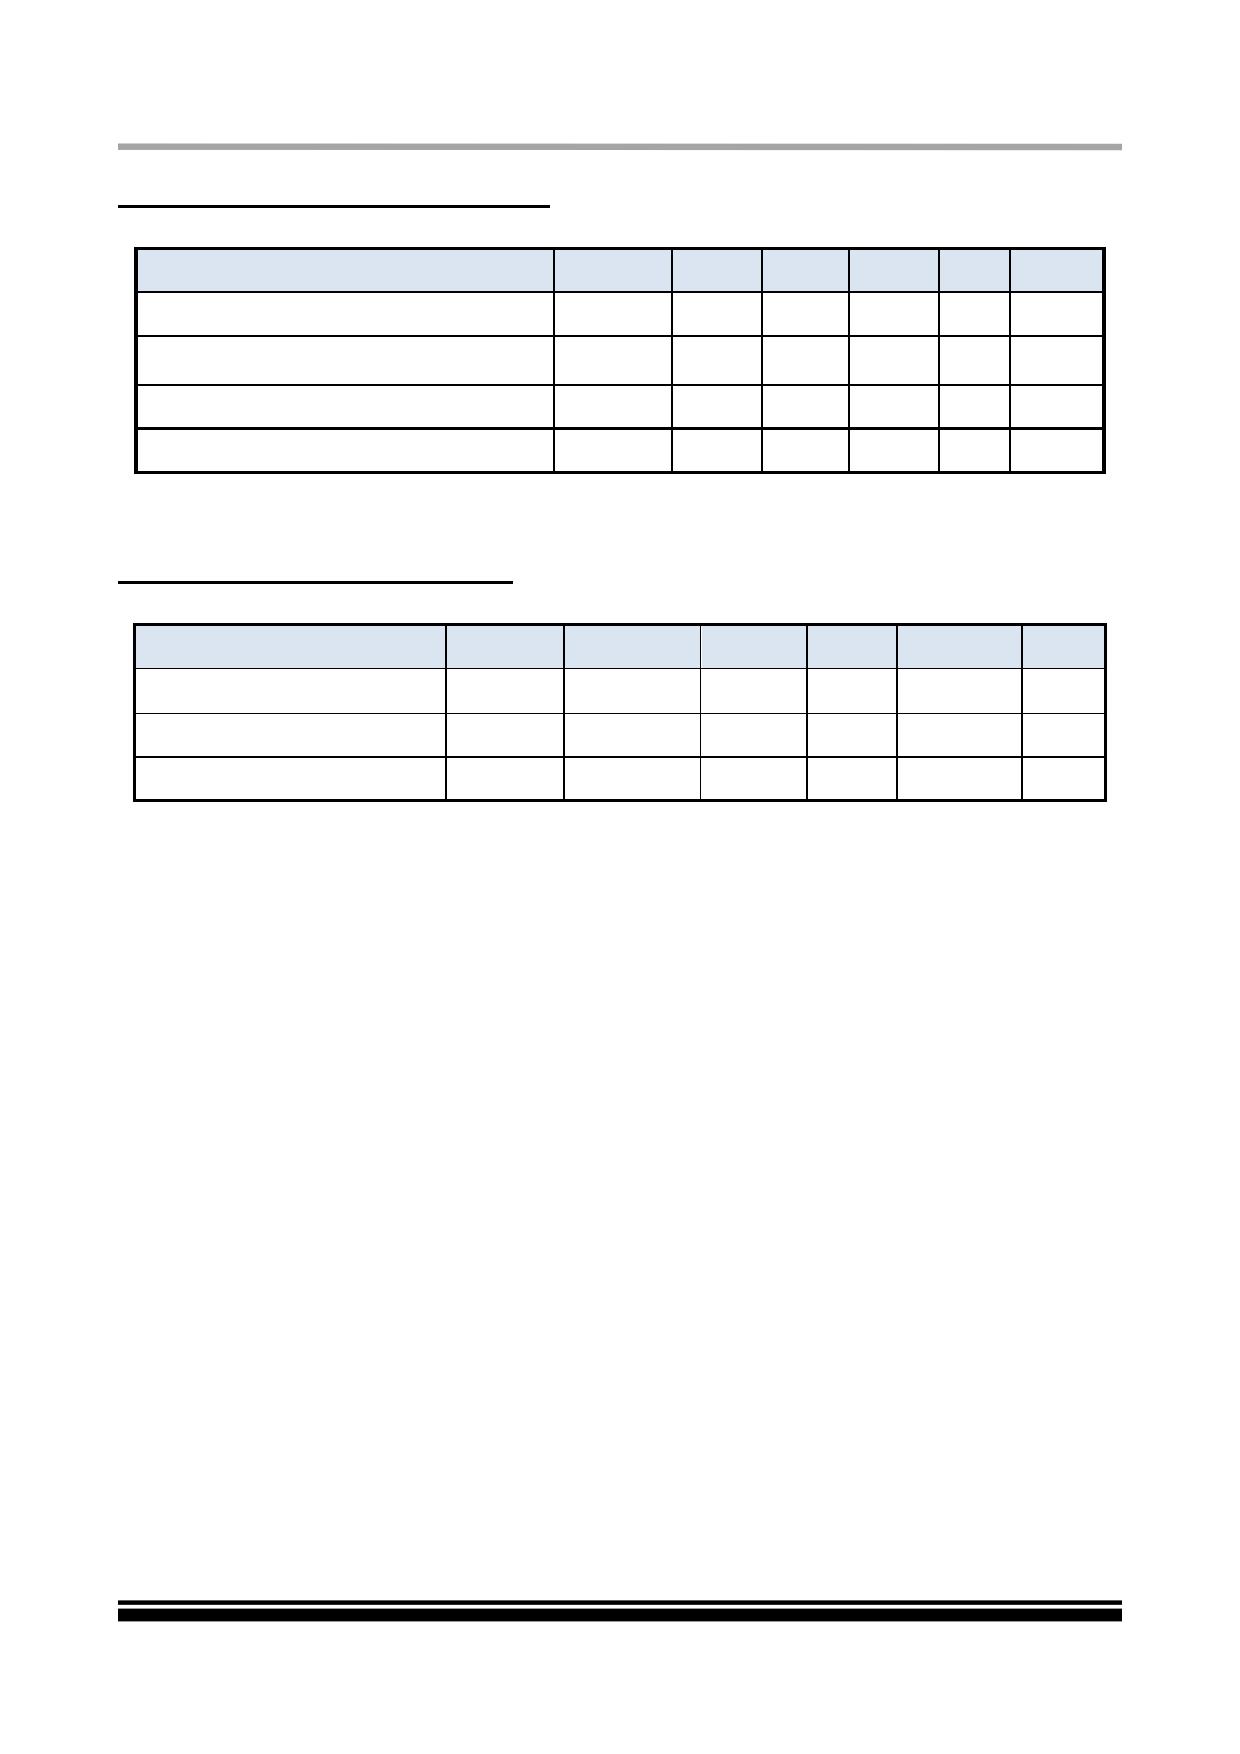 I3002-7IXN2440A pdf